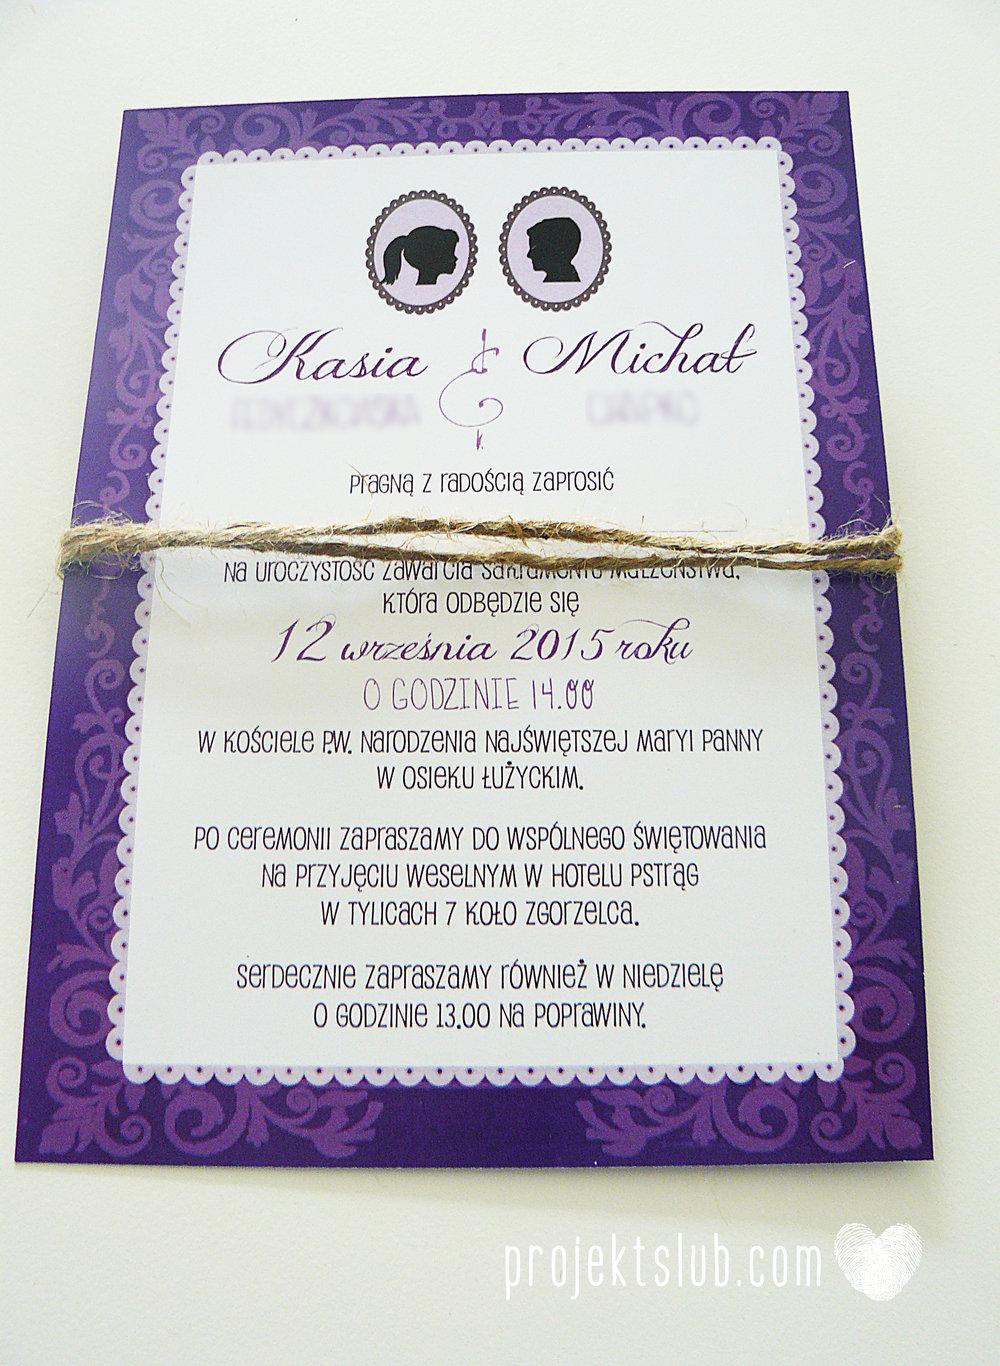 W pudrowym gaju rustykalne zaproszenie ślubne ze sznurkiem karteczka fiolet Projekt Ślub (7).jpg